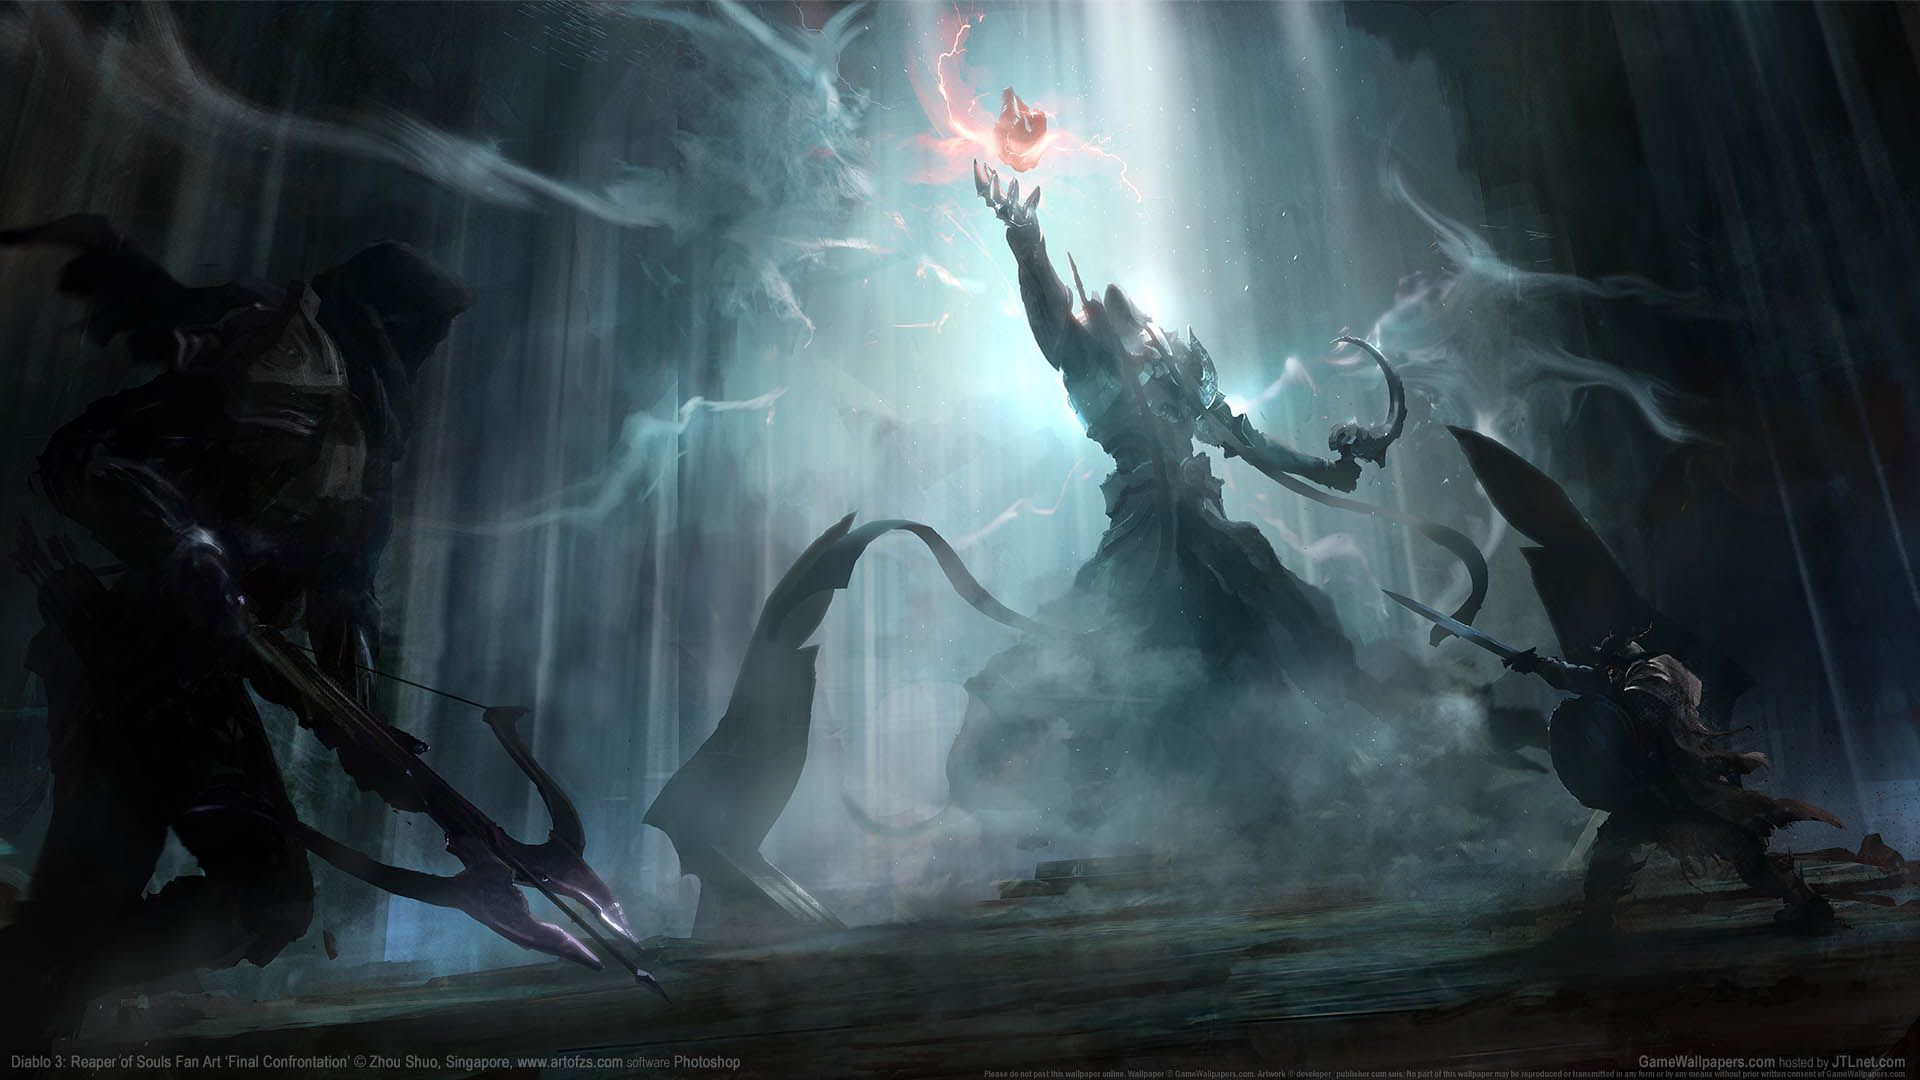 Diablo 3 Reaper of Souls Fan Art wallpaper 06 1920x1080